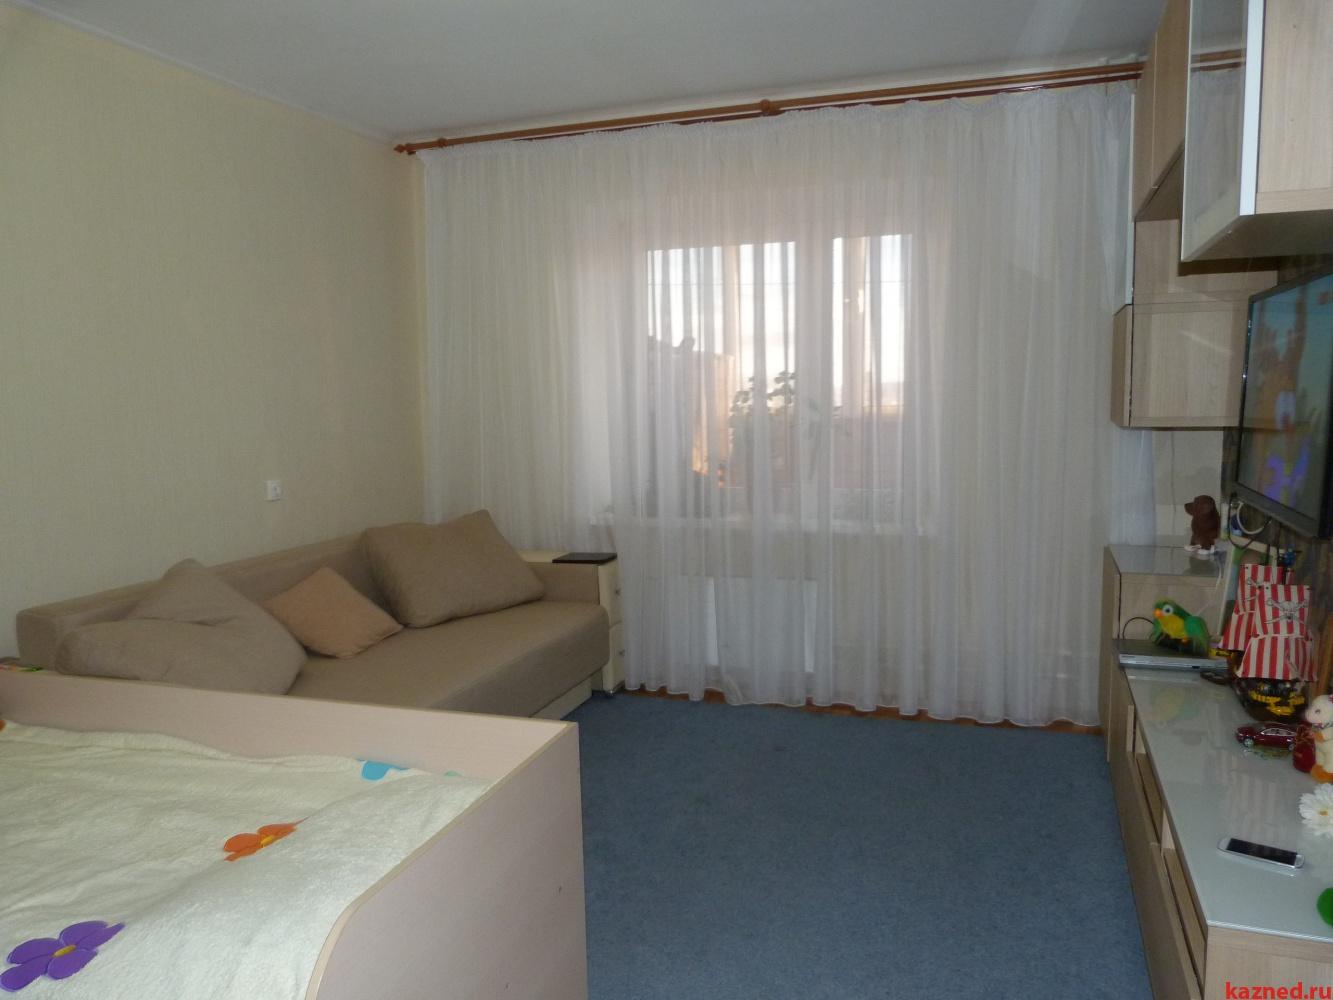 Продажа 1-к квартиры Тыныч д.3, 41 м² (миниатюра №2)